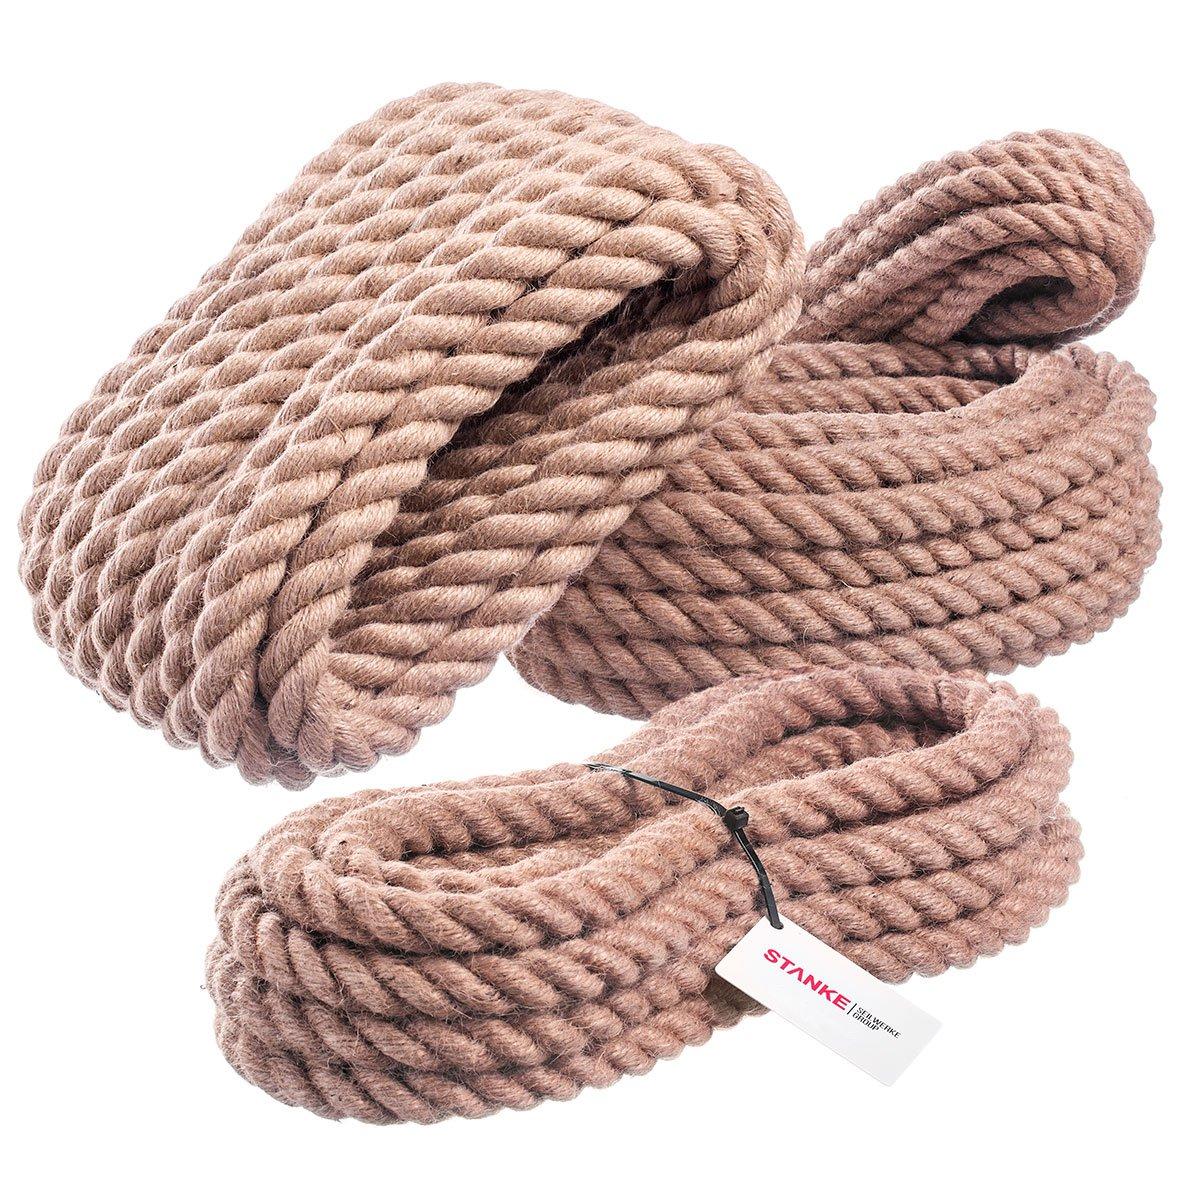 yute 30 mm pasamanos soga fibras naturales trenzada tira y afloja 15 m Cuerda de yute cordeler/ía